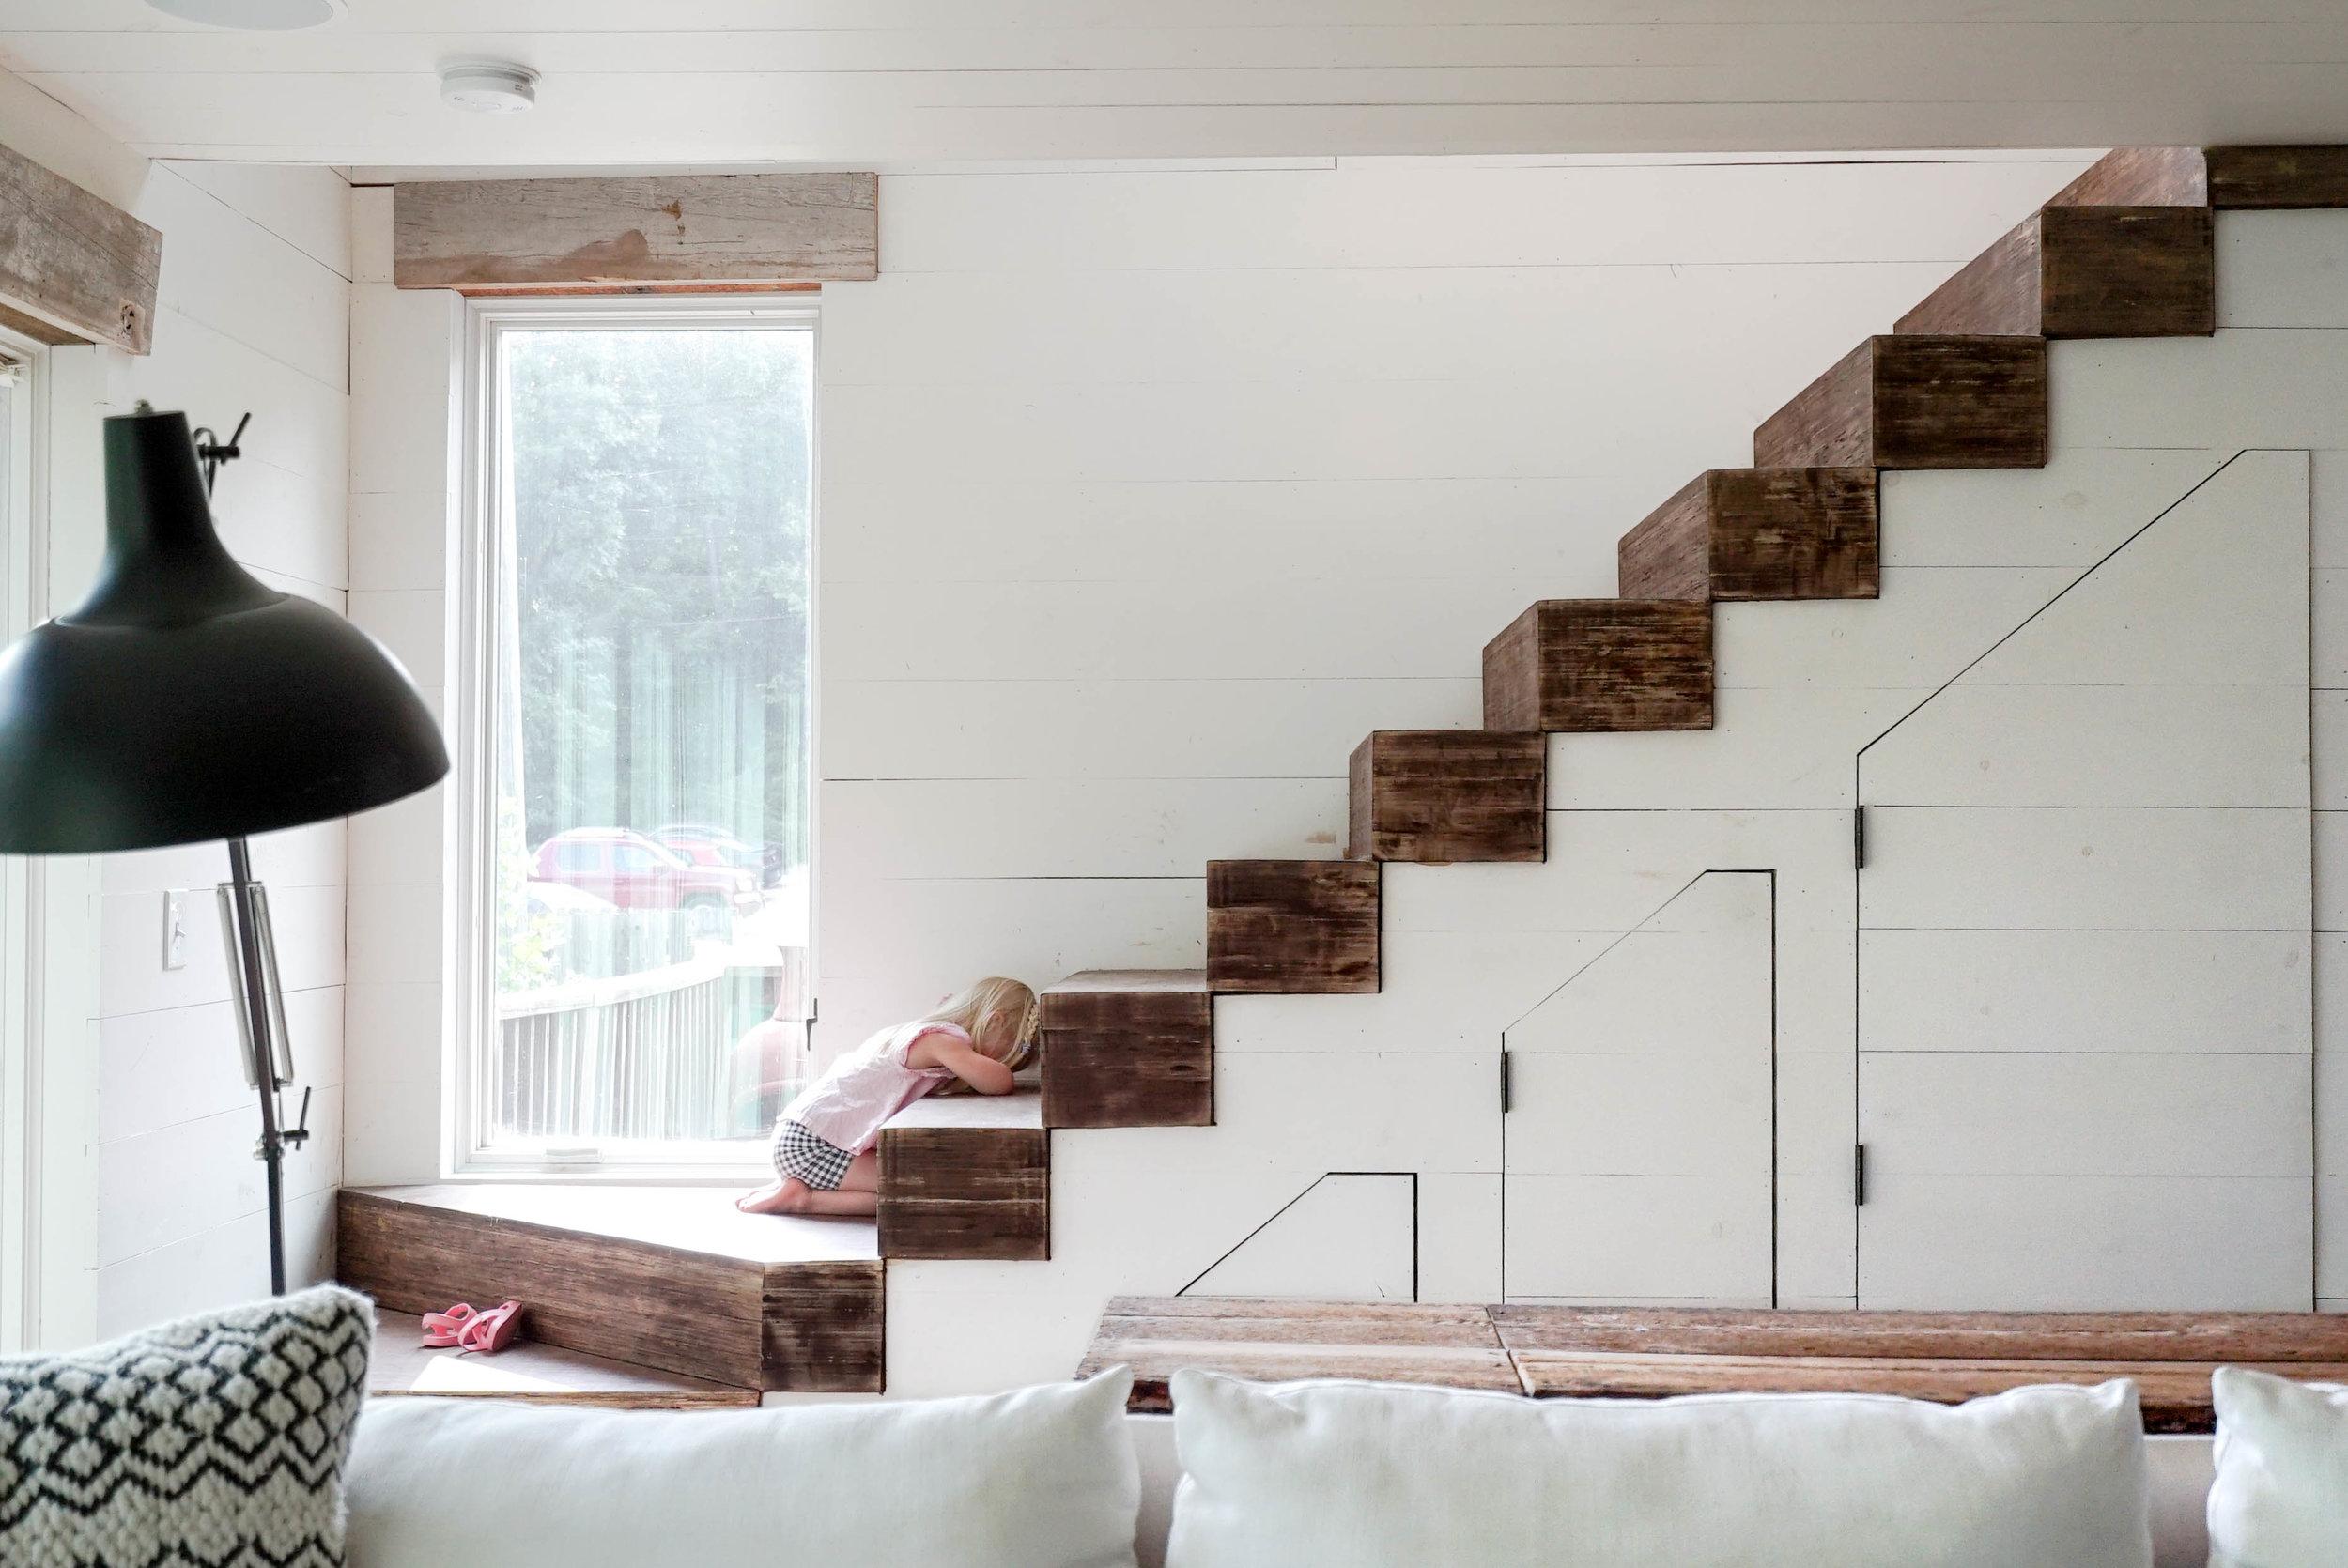 KF_ollie on stairs head down.jpg